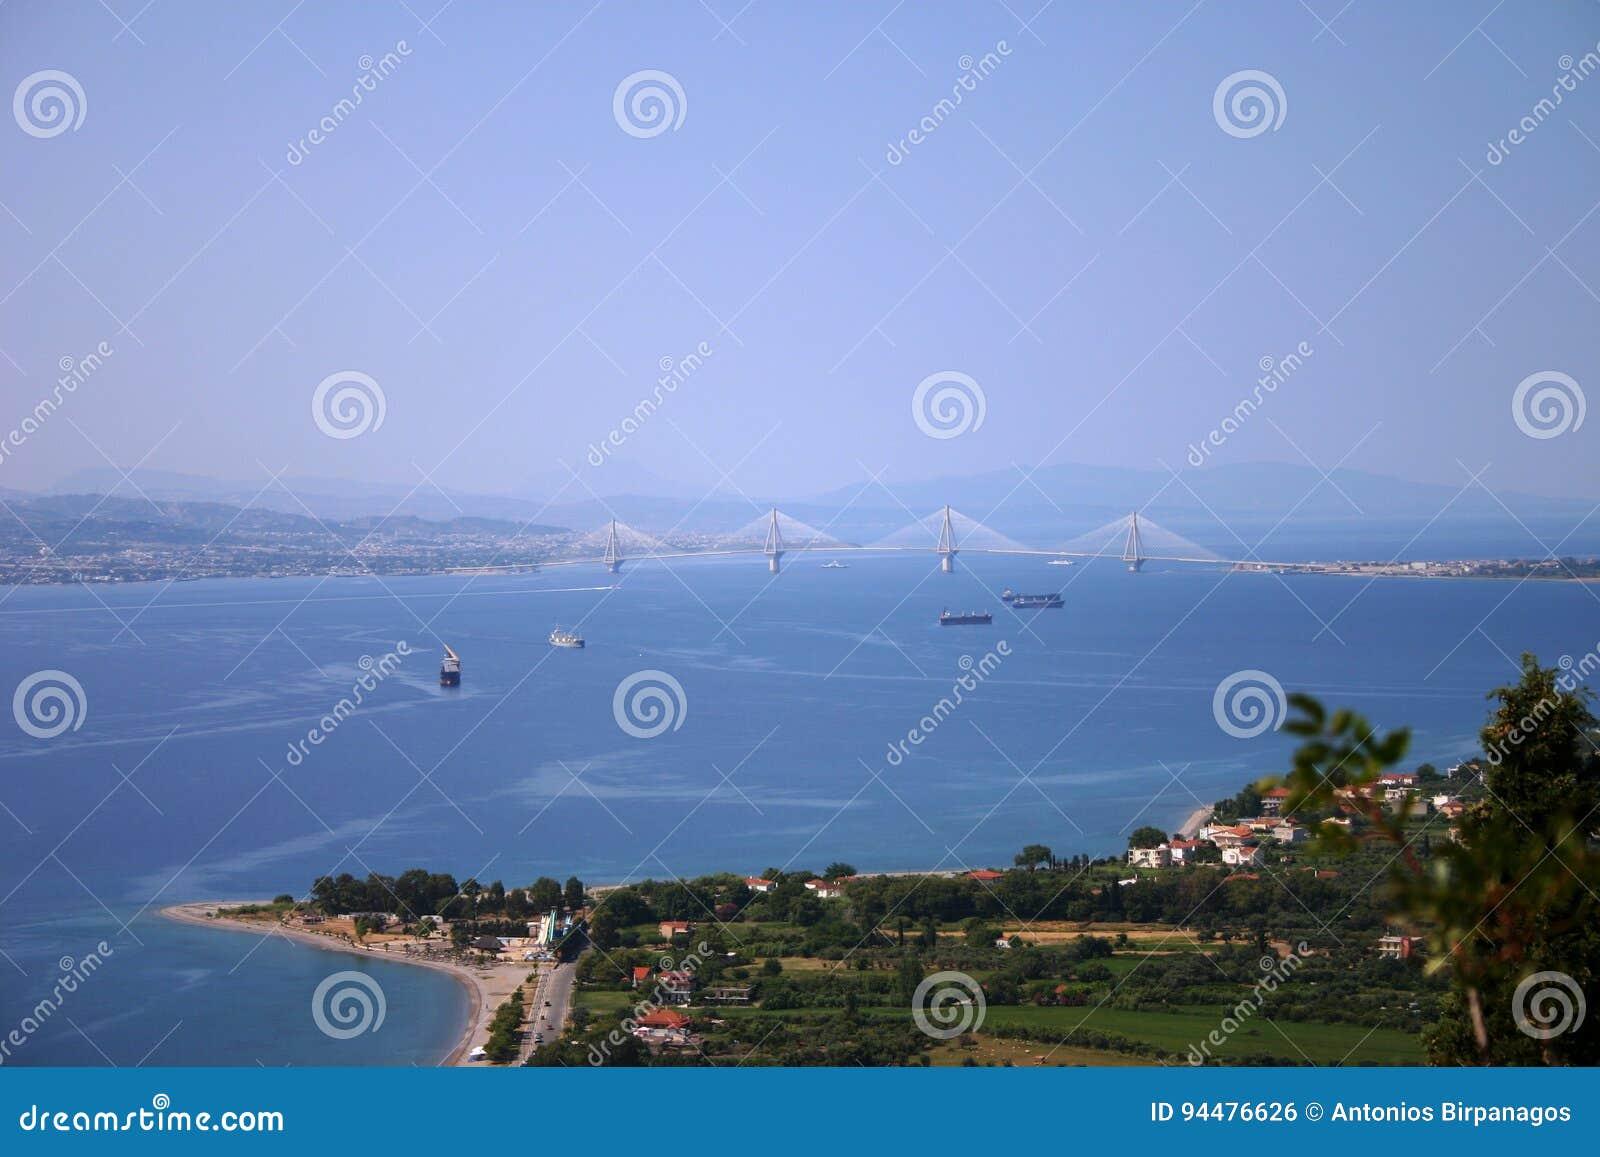 Άποψη τοπίων ενός κόλπου στη Μεσόγειο